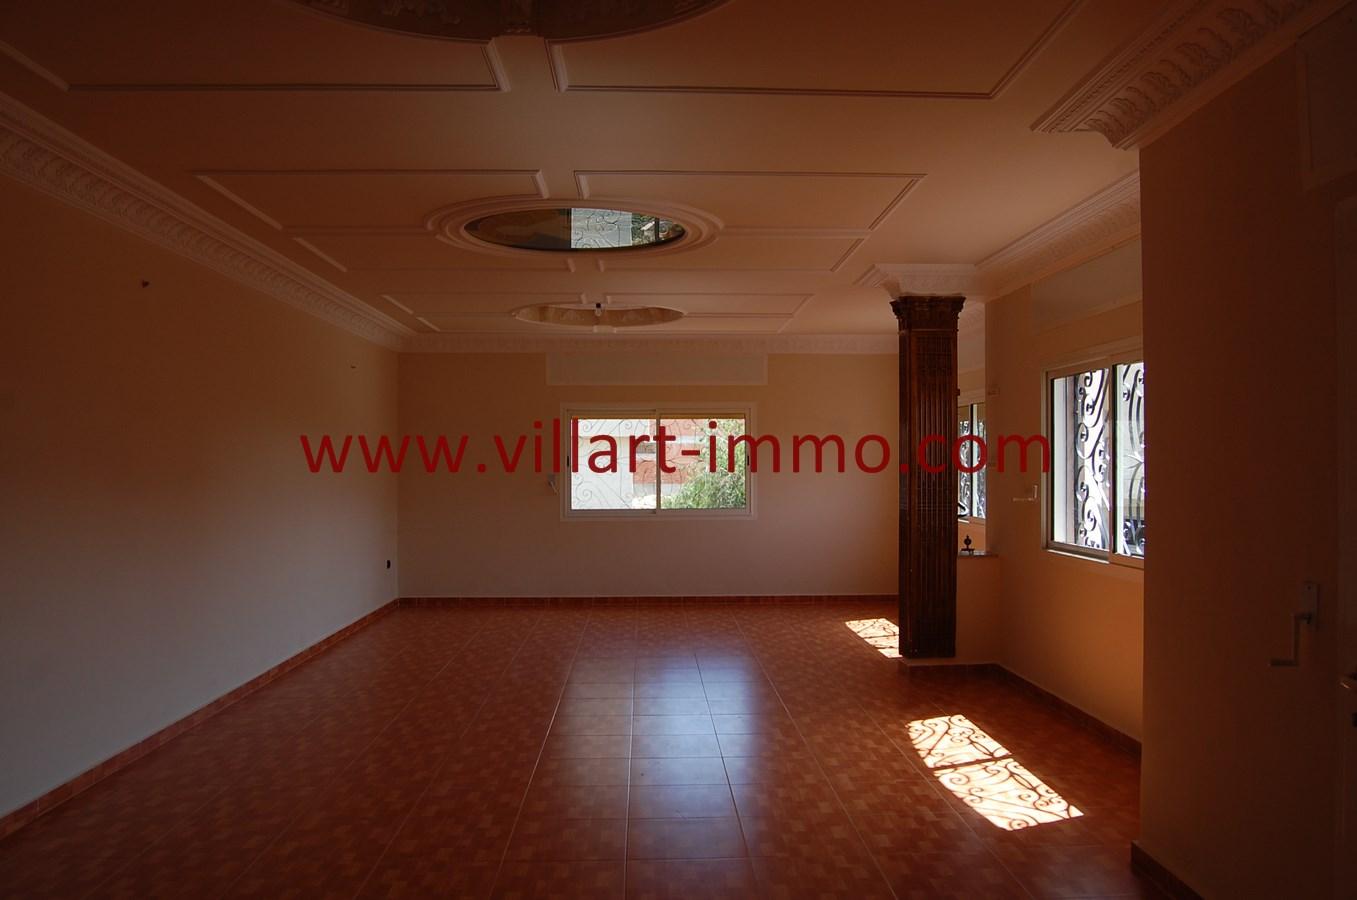 5-Vente-Villa-Tanger-Mojahidin-Salon 2-VV503-Villart Immo